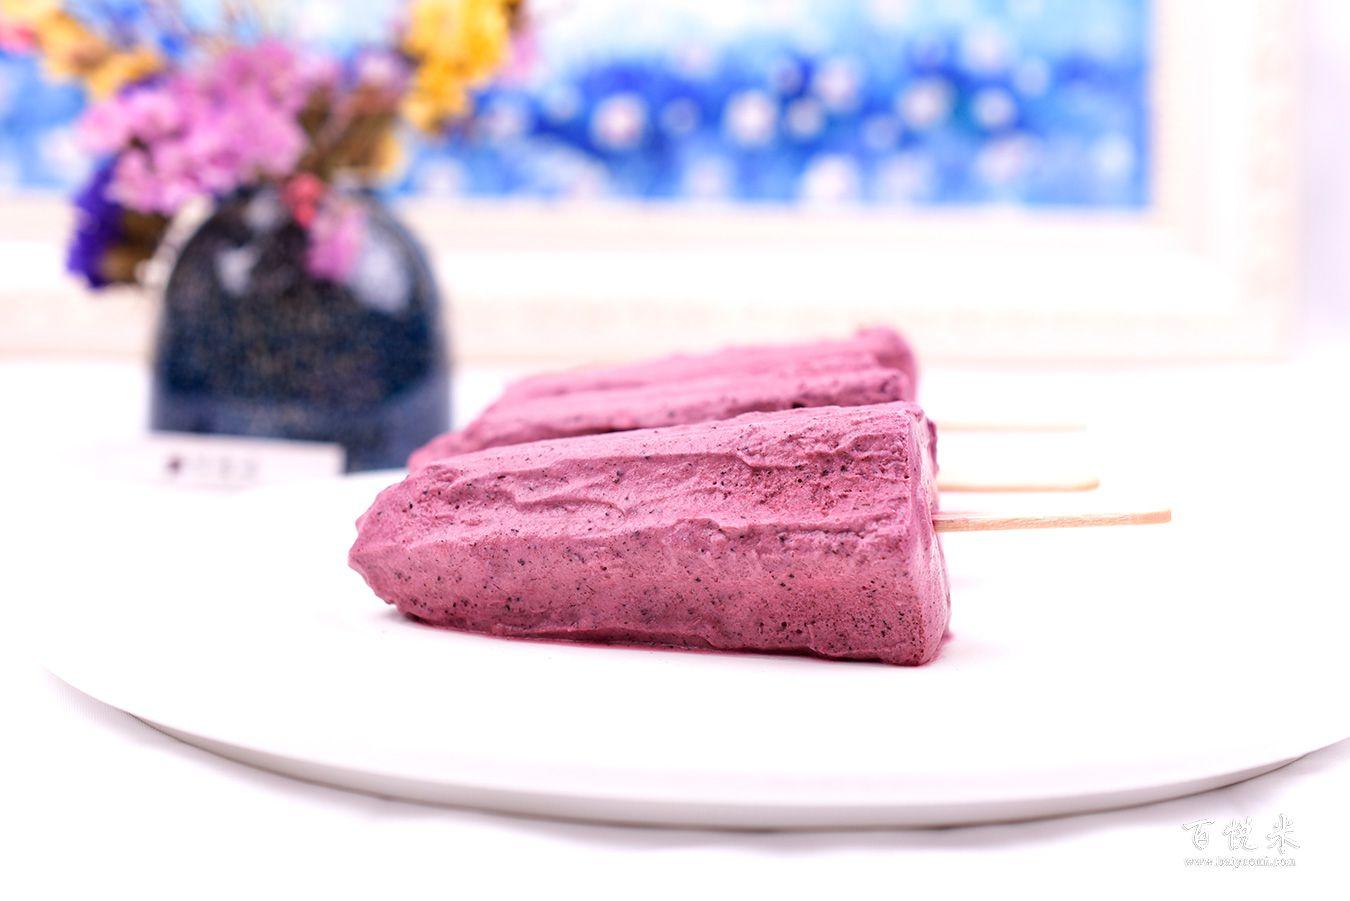 蓝莓冰淇淋高清图片大全【蛋糕图片】_703